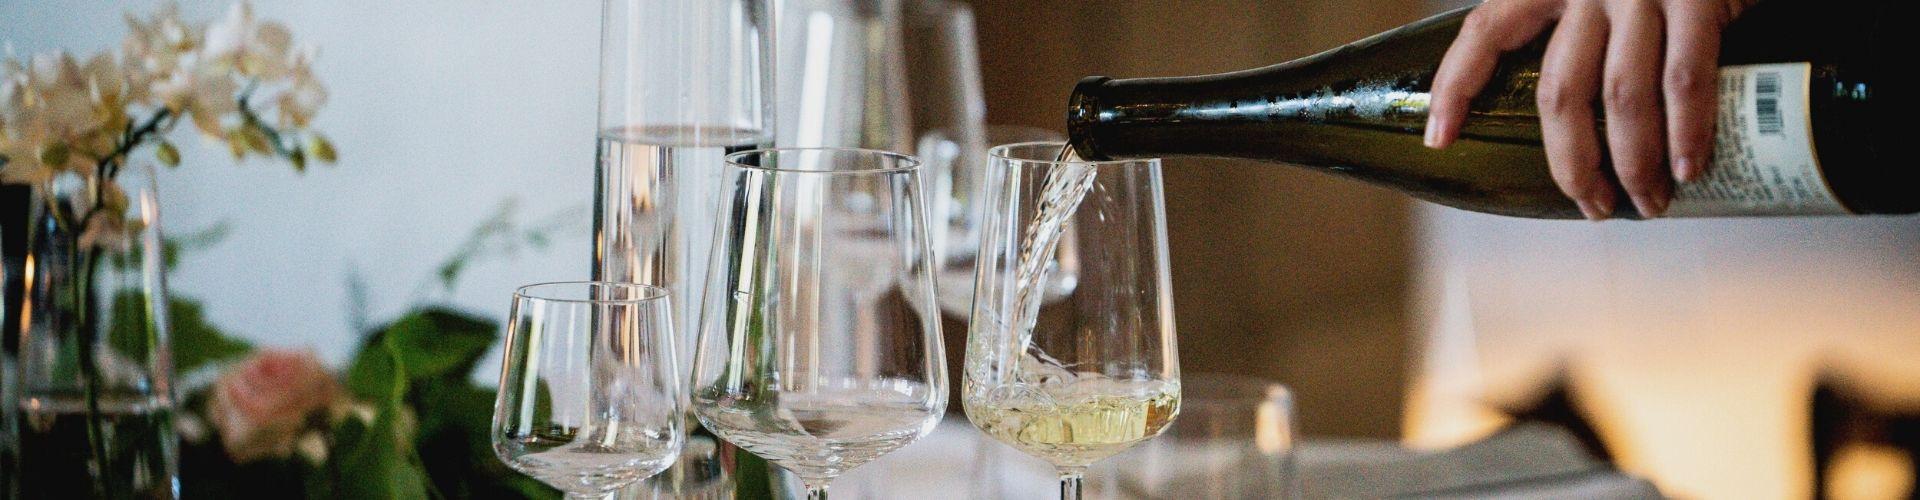 Wino Rivani